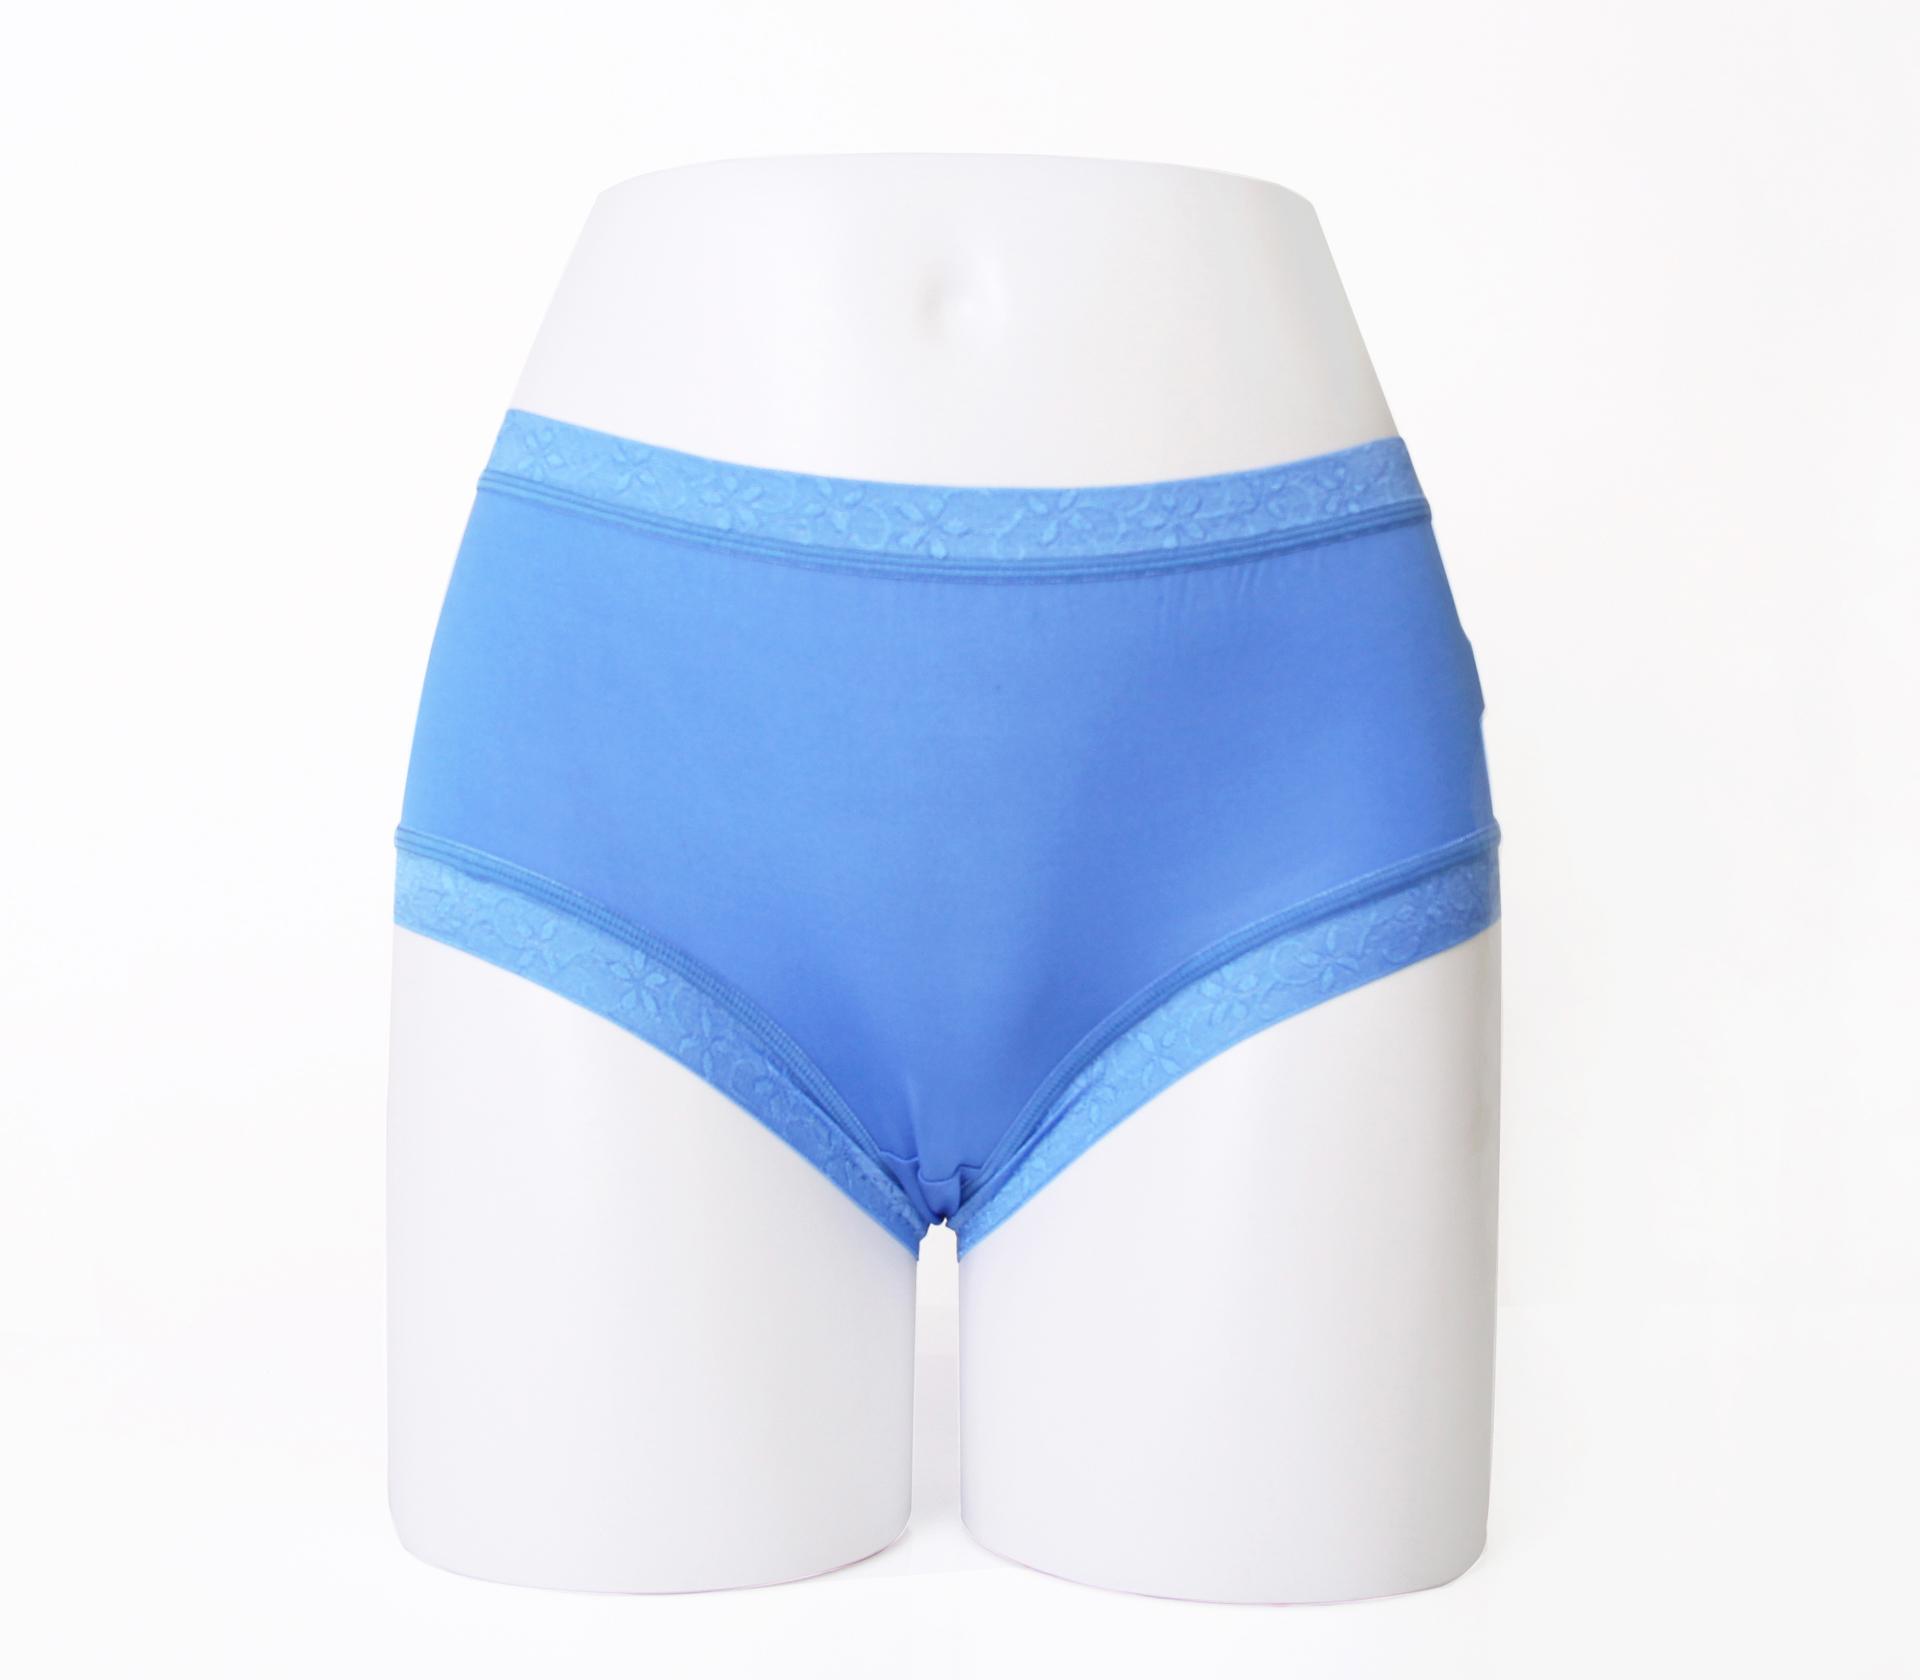 闕蘭絹32針超涼春蠶100%蠶絲內褲-88112-2(藍)